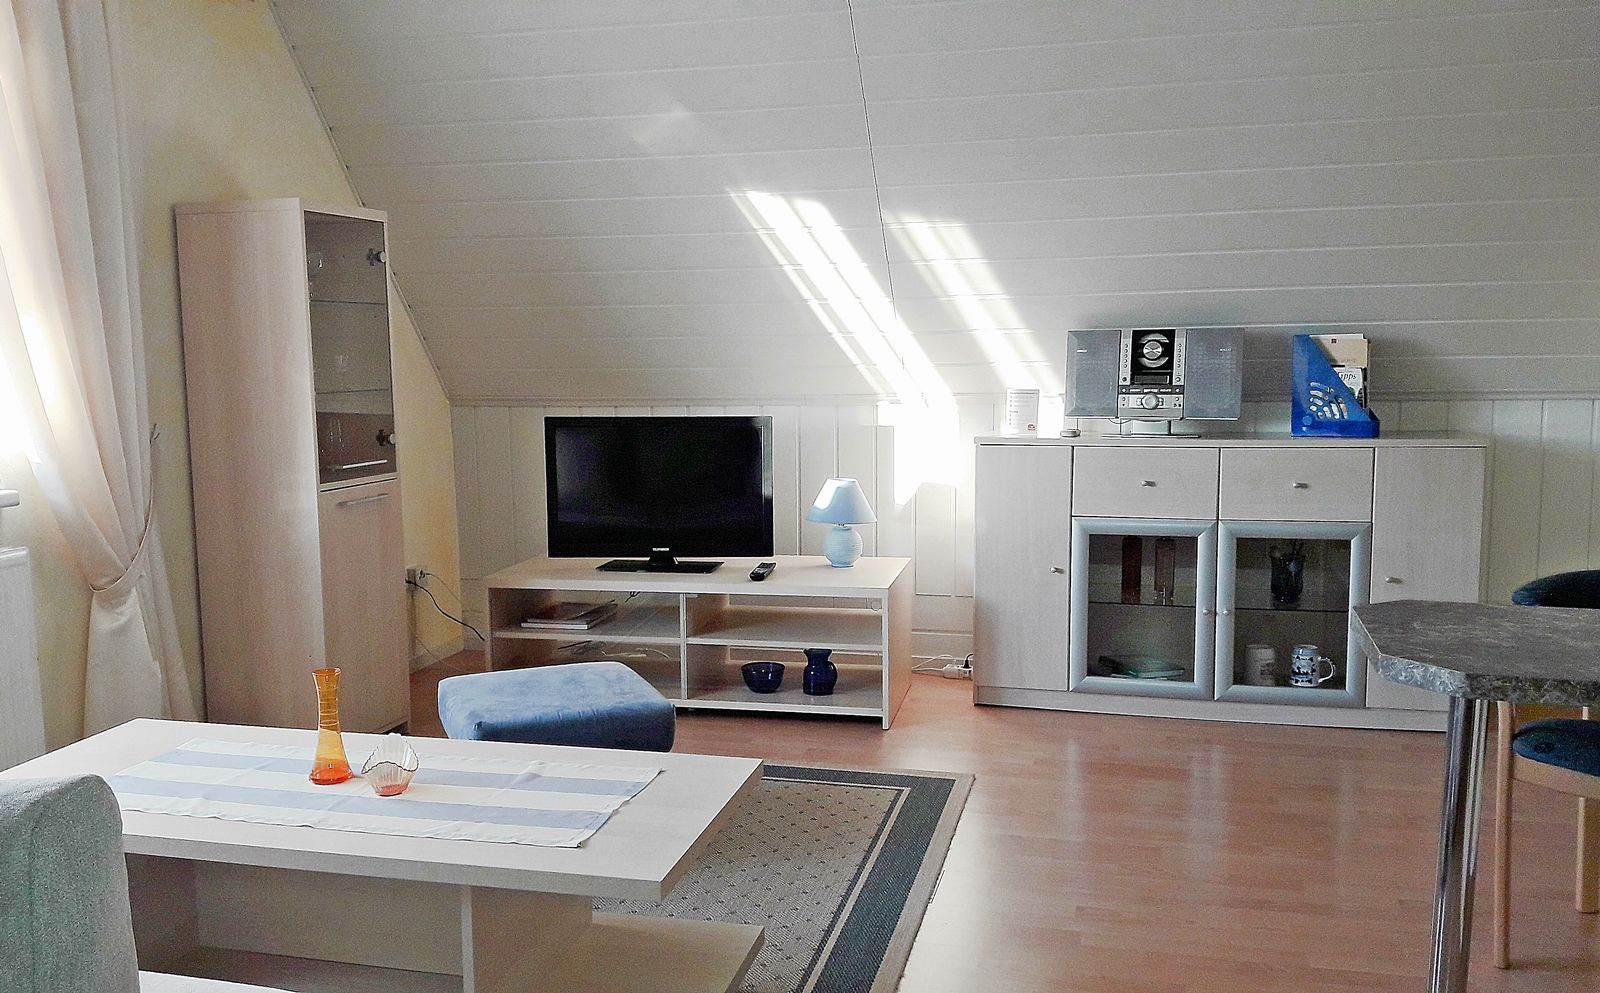 Wohnzimmer mit offener K�che